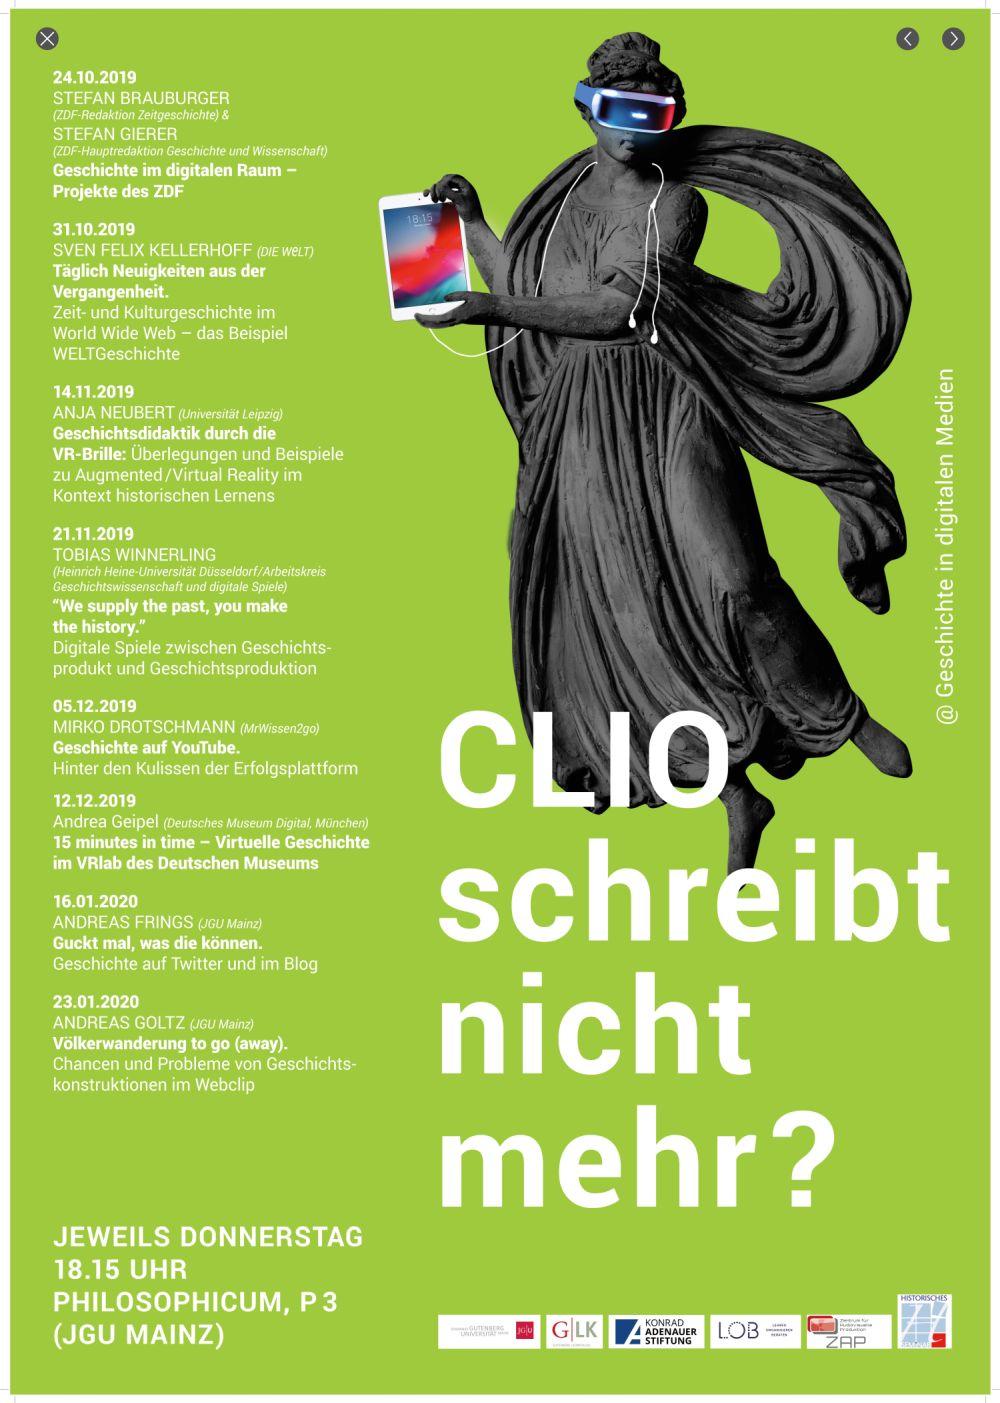 Clio schreibt nicht mehr? @Geschichte in digitalen Medien